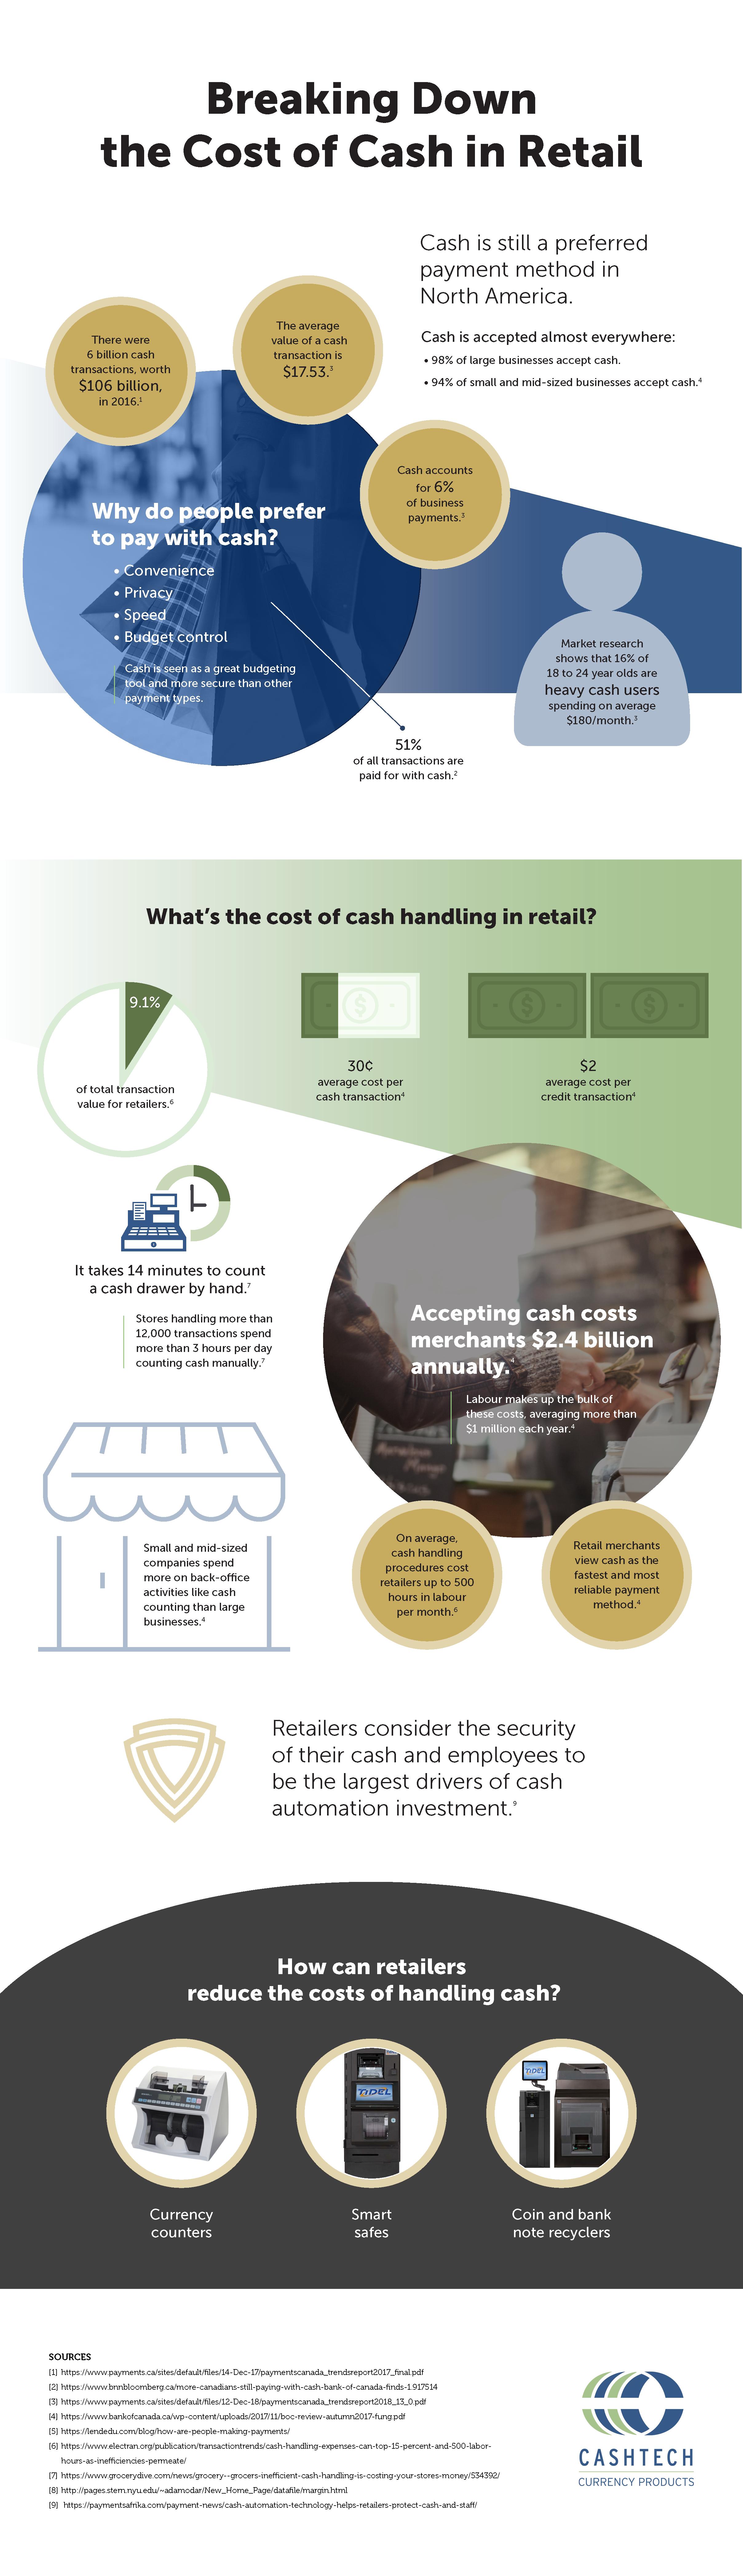 Cashtech-Infographic-Cost-of-Cash-rev